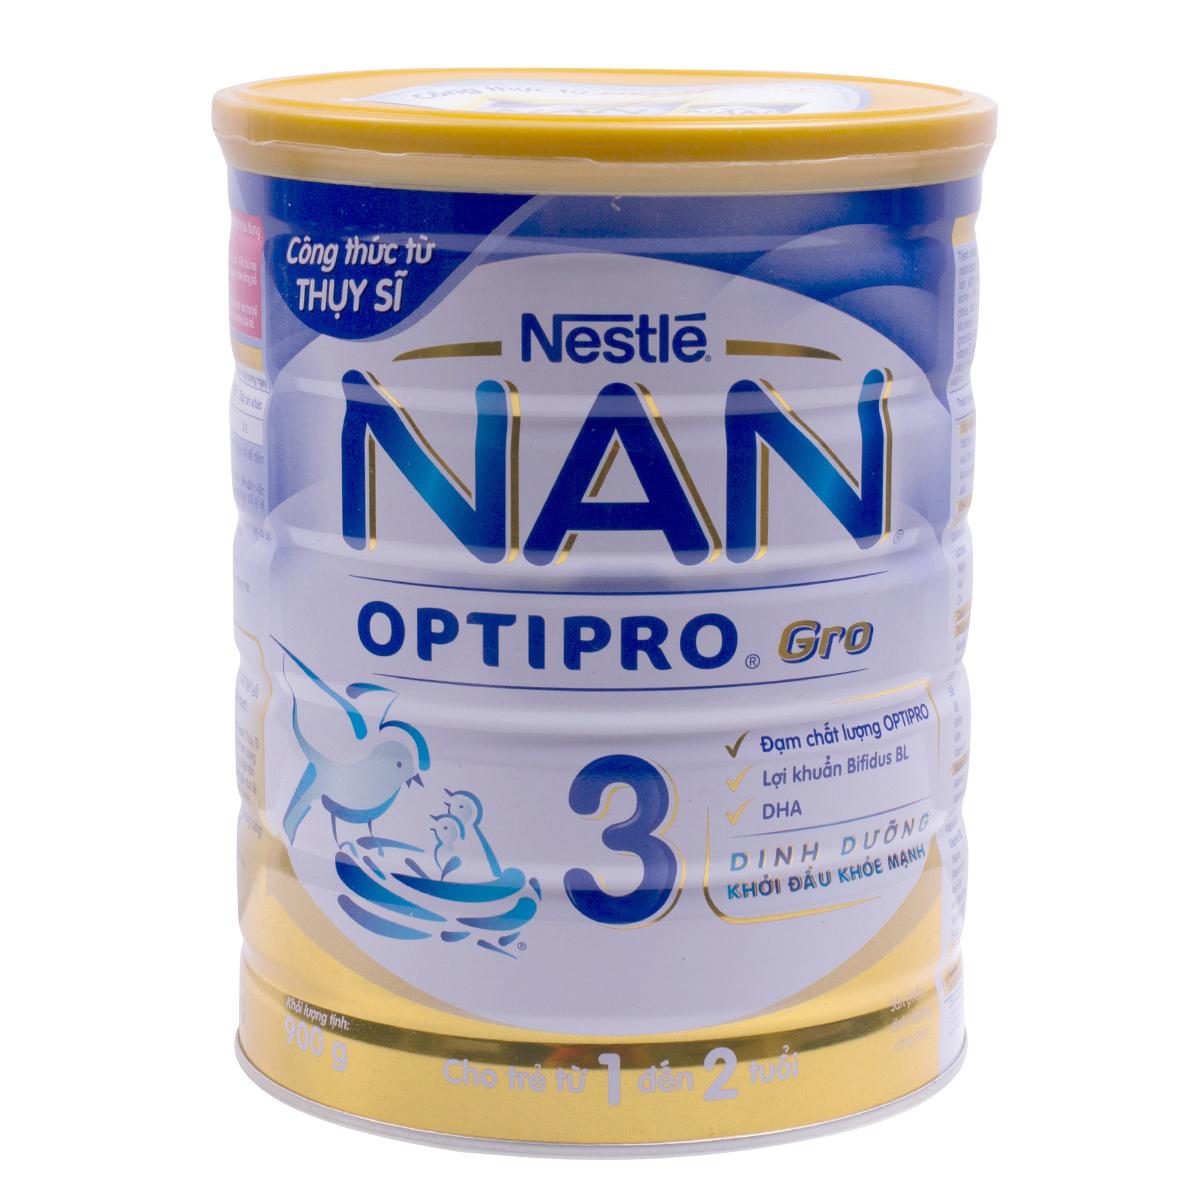 Sữa Nan có tốt không, Sữa Nan có tăng cân không